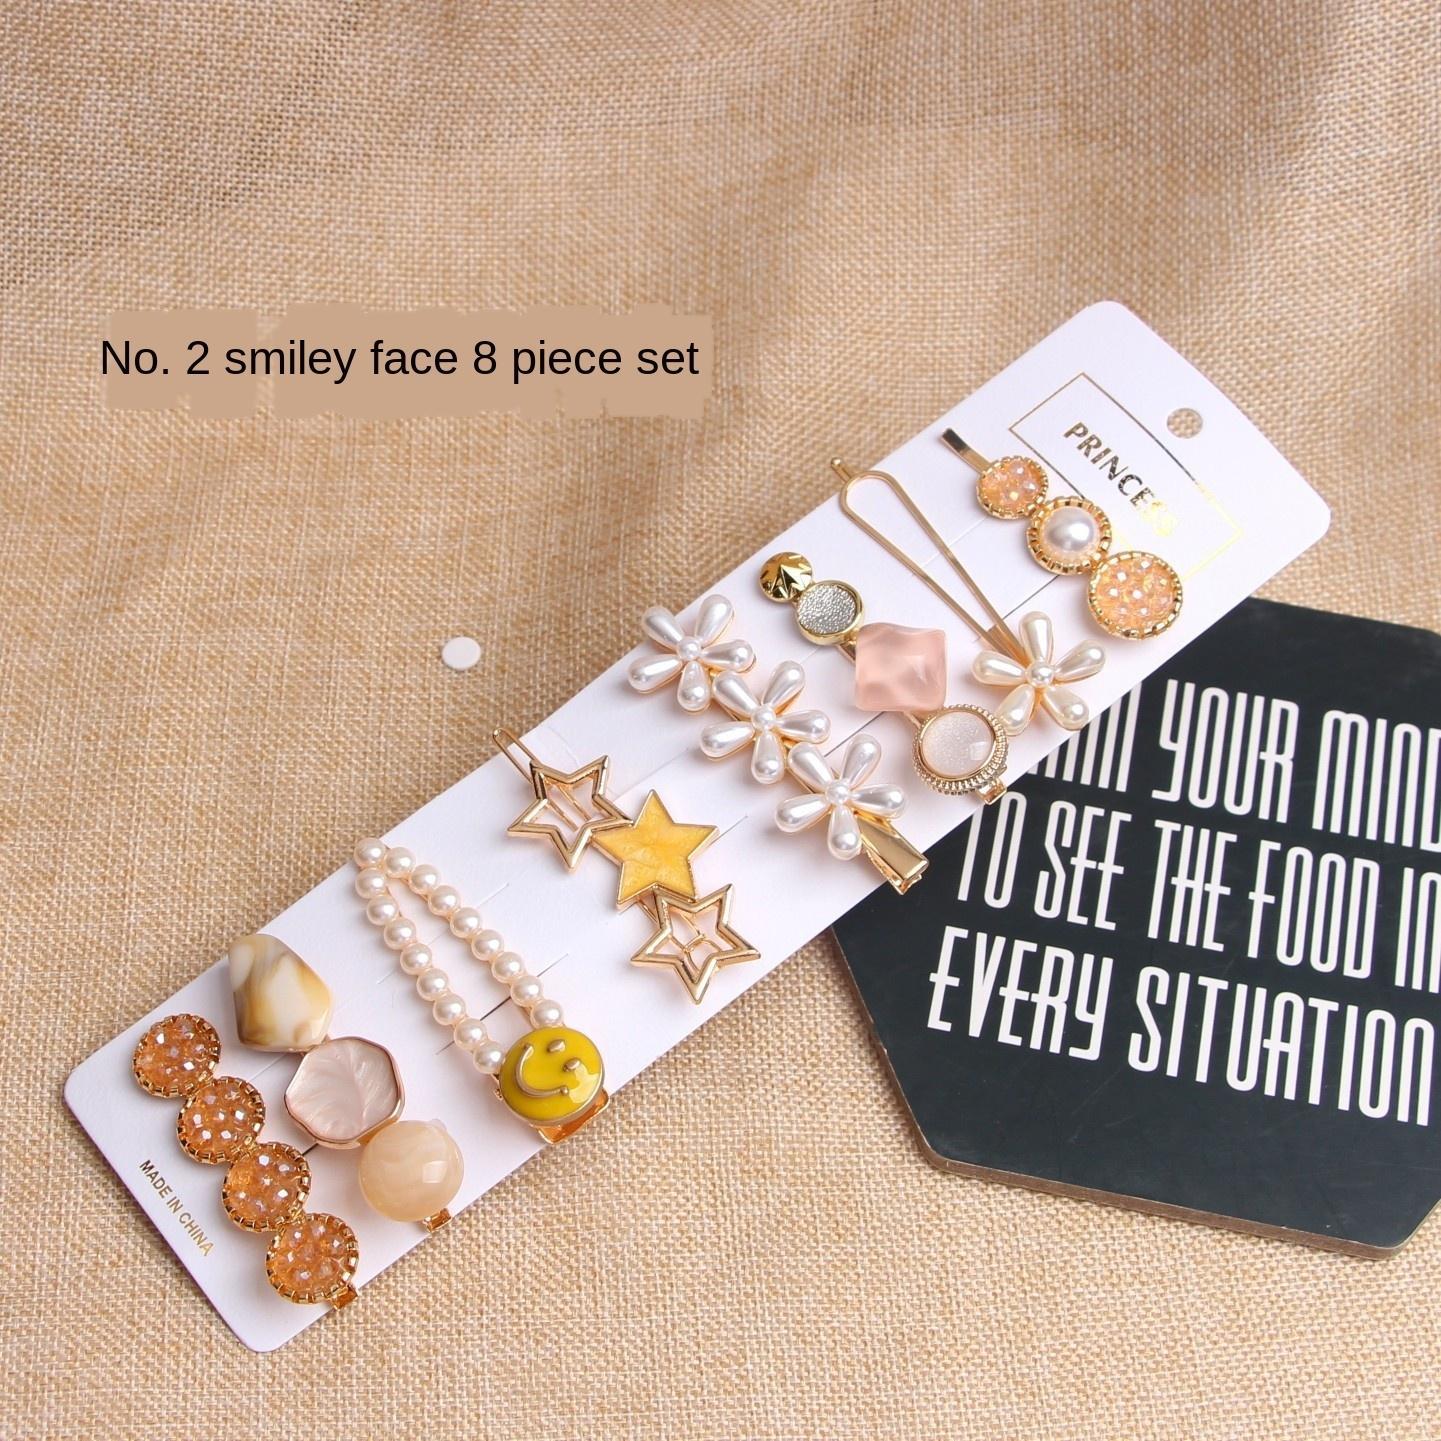 2020 l'industria pesante stelle marine Internet celebrità tornante 8 pezzi serie perla copricapo ins stile coreano accessori per capelli della forcella della perla delle donne